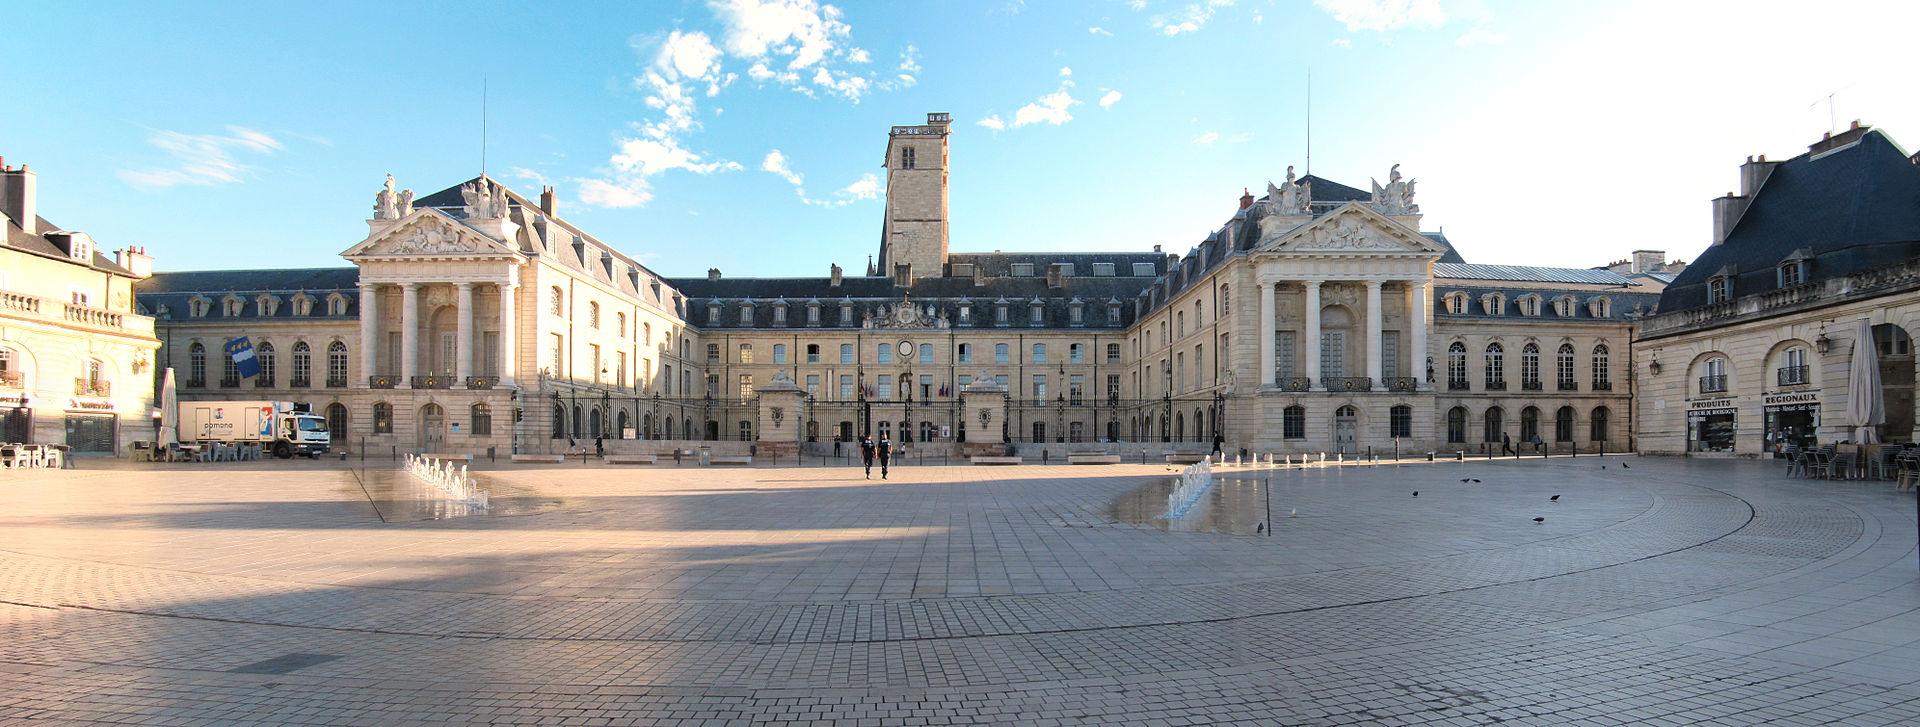 Tour Philippe le Bon de Dijon